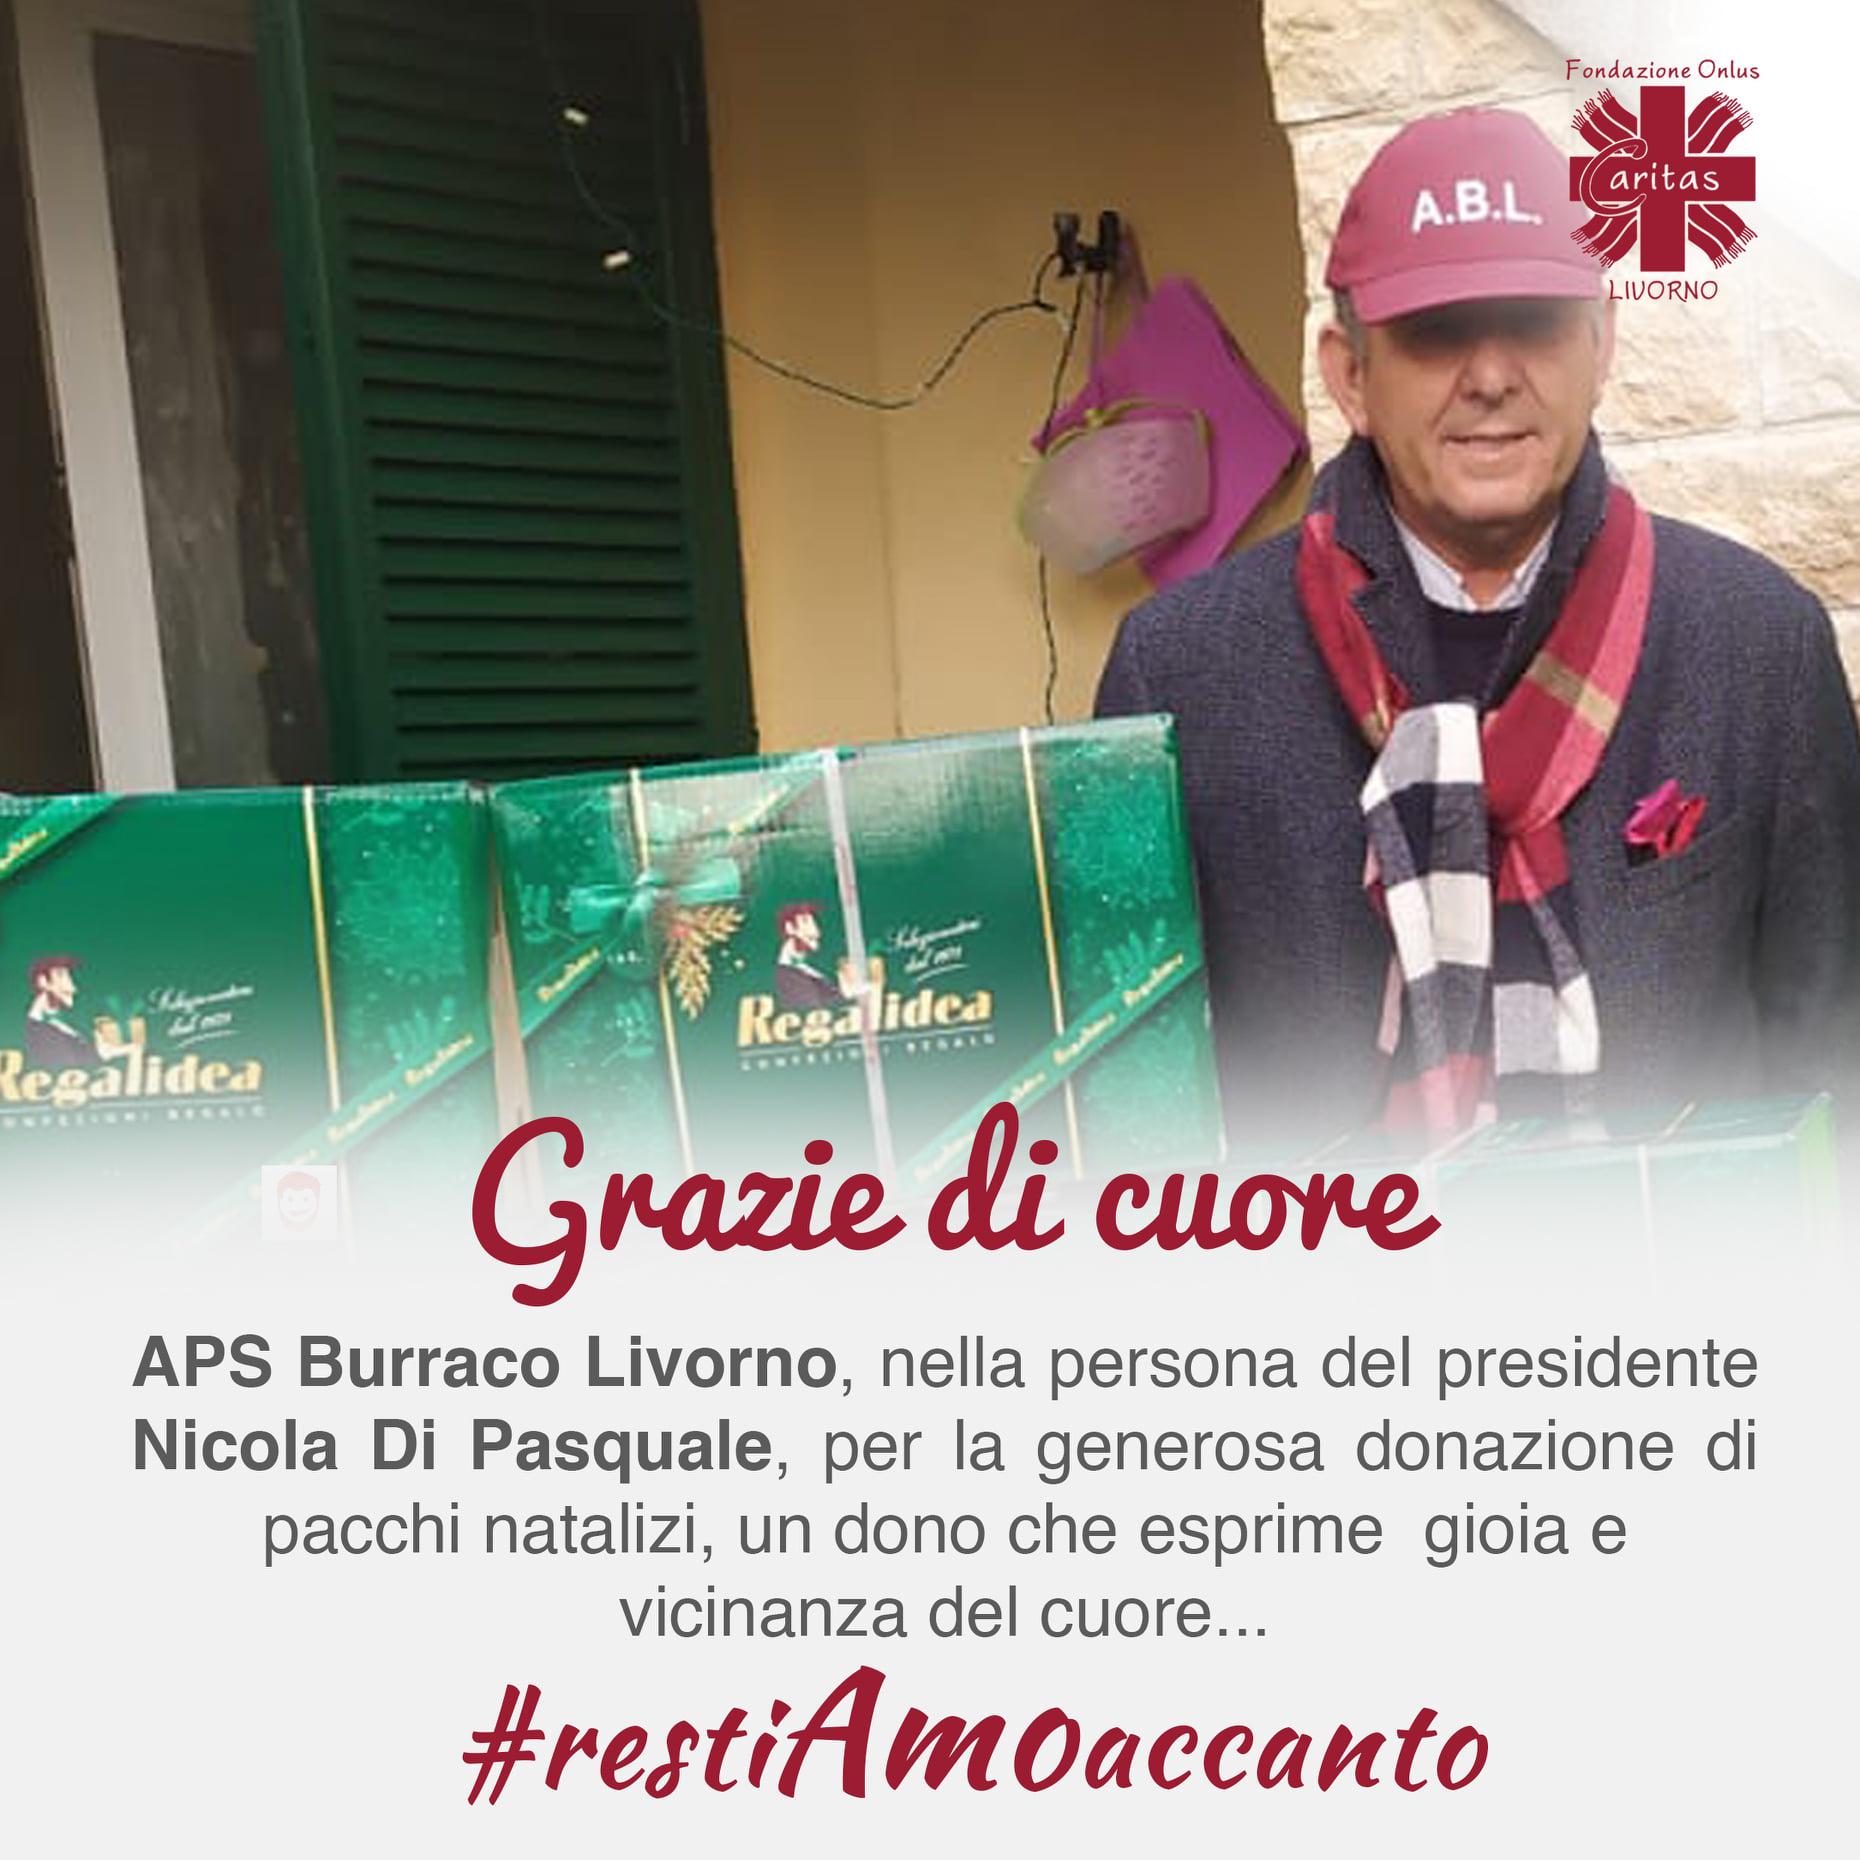 Grazie di cuore alla APS Burraco Livorno per la generosa donazione